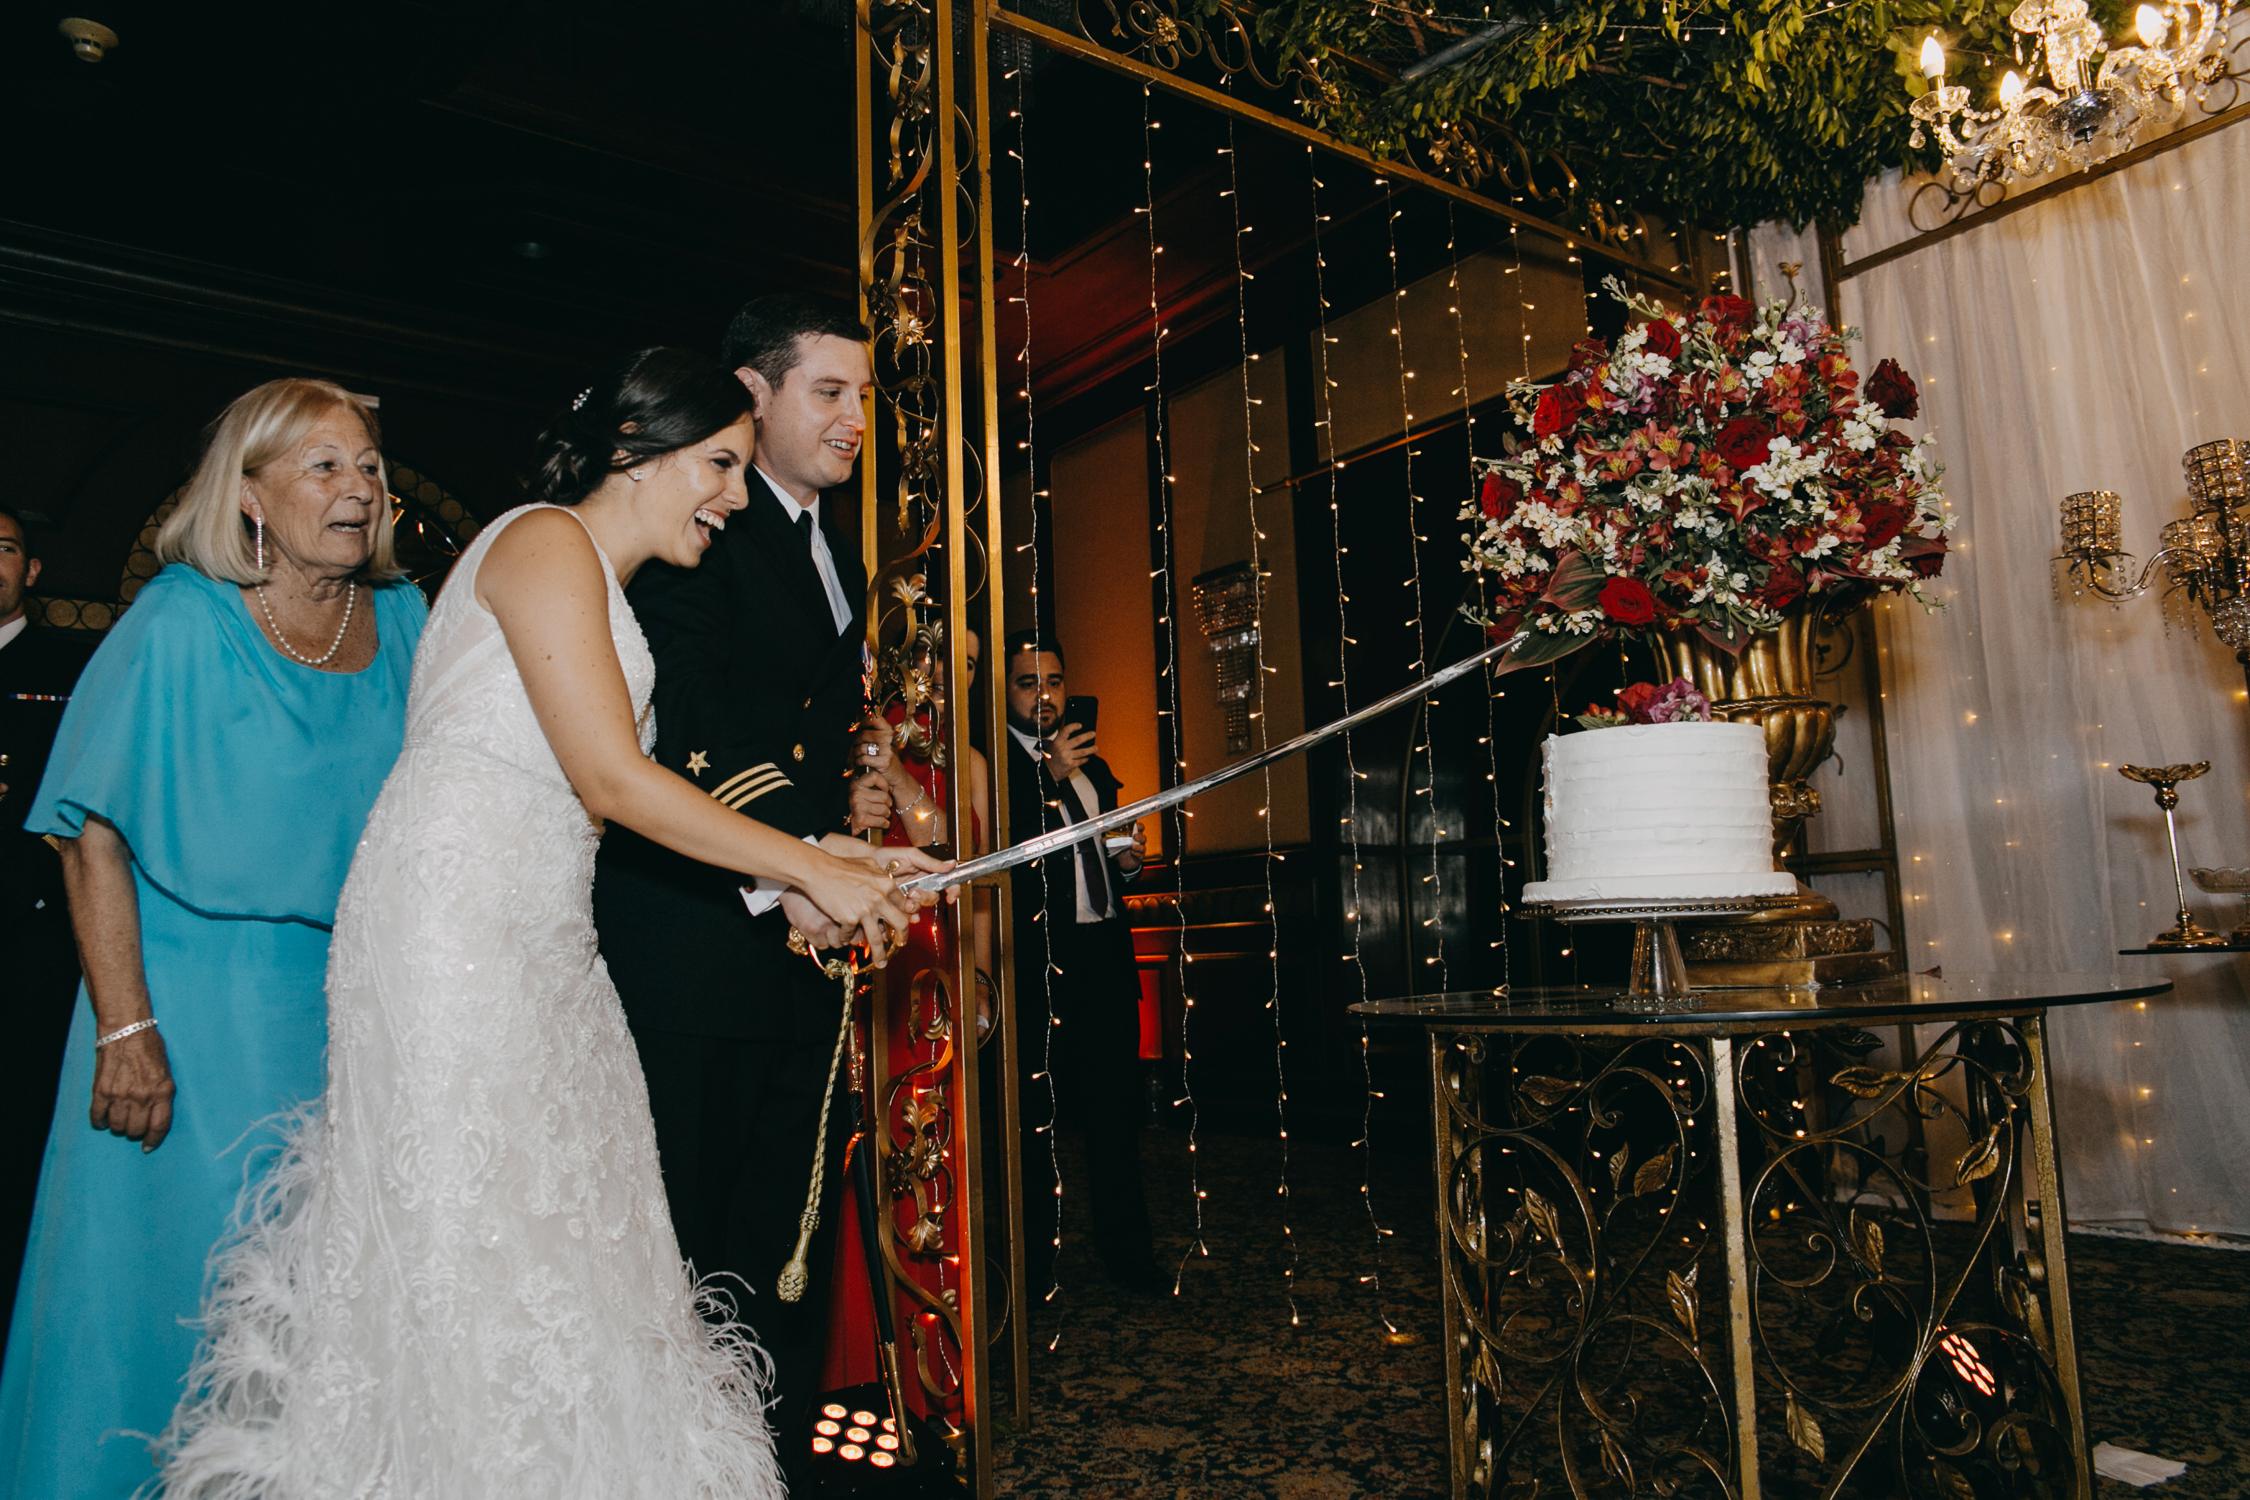 Michelle-Agurto-Fotografia-Bodas-Ecuador-Destination-Wedding-Photographer-Ecuador-Mercedes-Alvaro-259.JPG